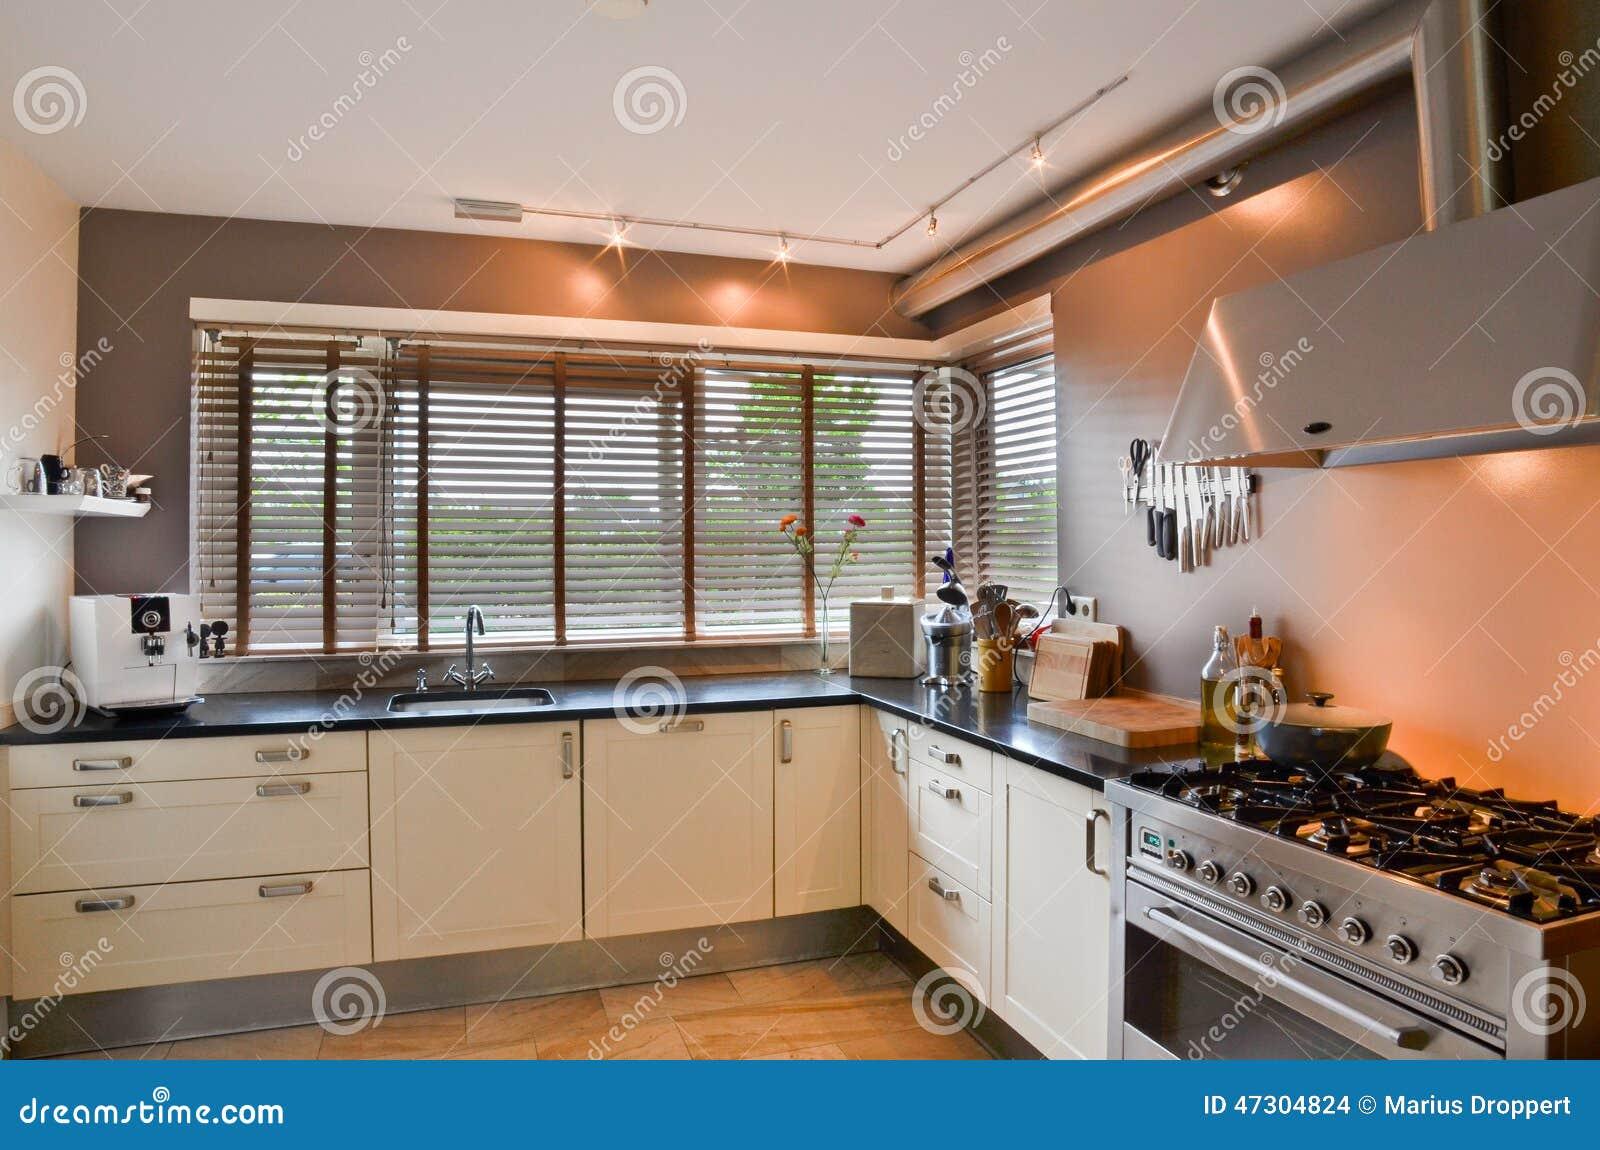 Voorraadkast Keuken Inhoud : Moderne keuken met roestvrij fornuis en houten vloer met venster op de